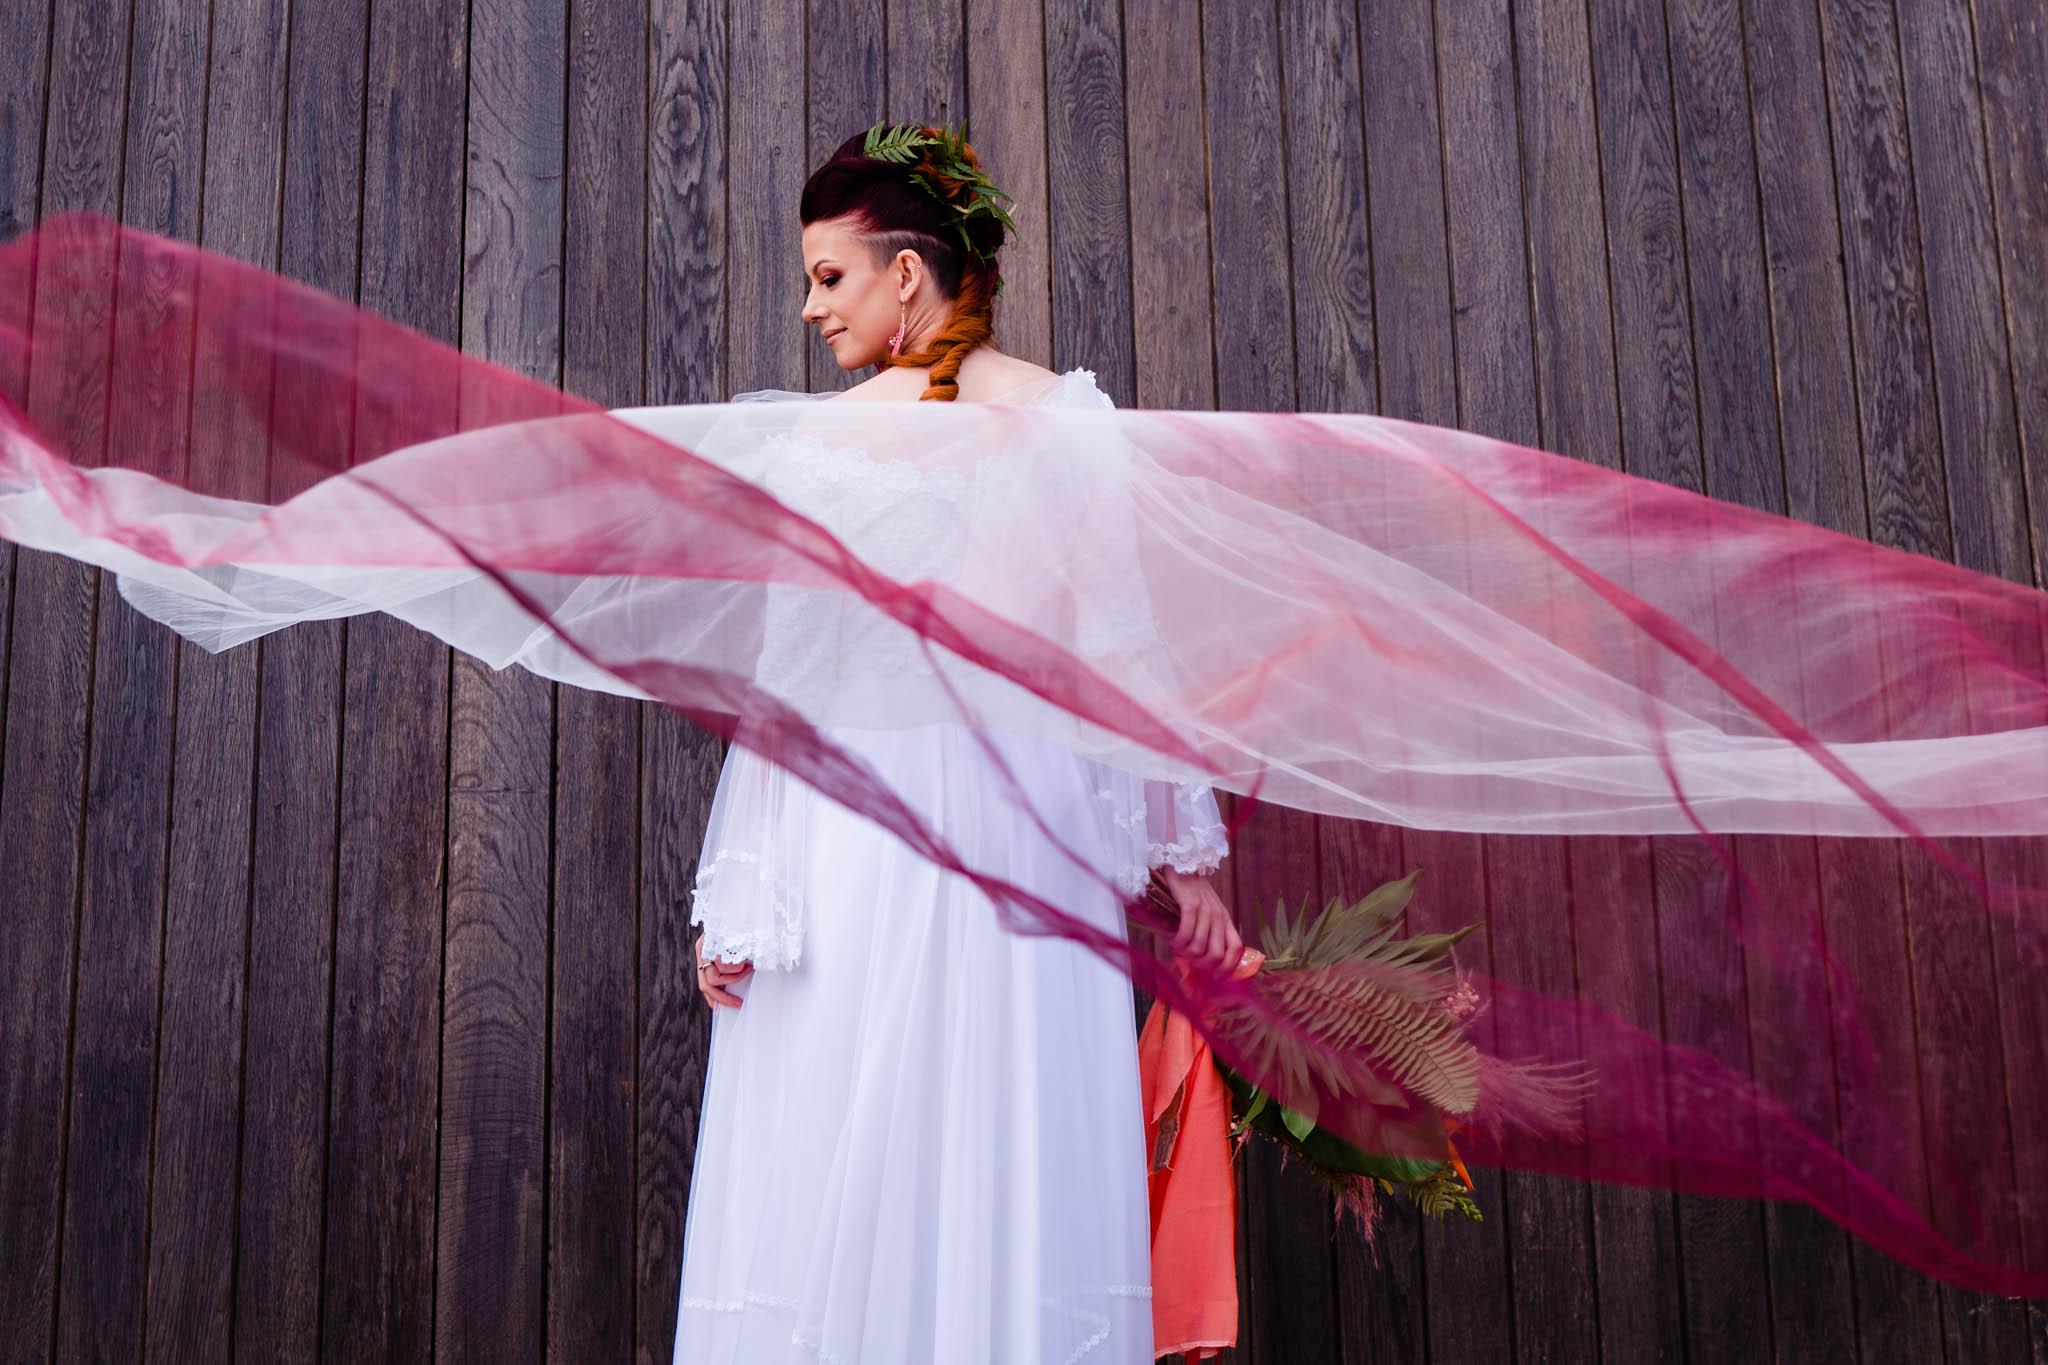 dip dye veil - ombre veil - unique bridal wear - modern bridal wear - modern tropical wedding - modern wedding - modern bride - east midlands wedding planner